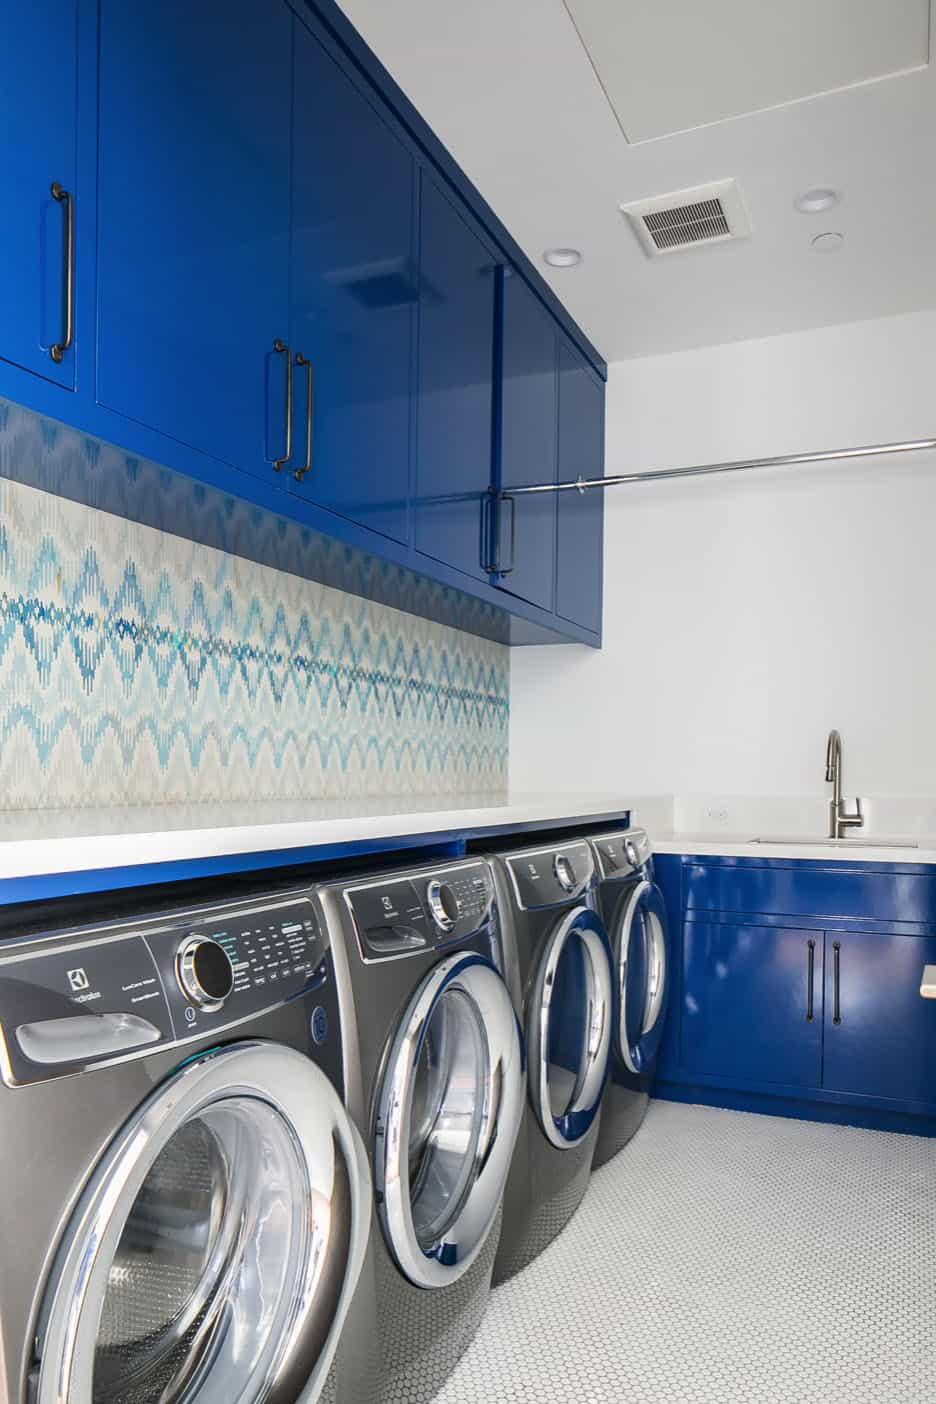 moderna-praonica rublja sredinom stoljeća